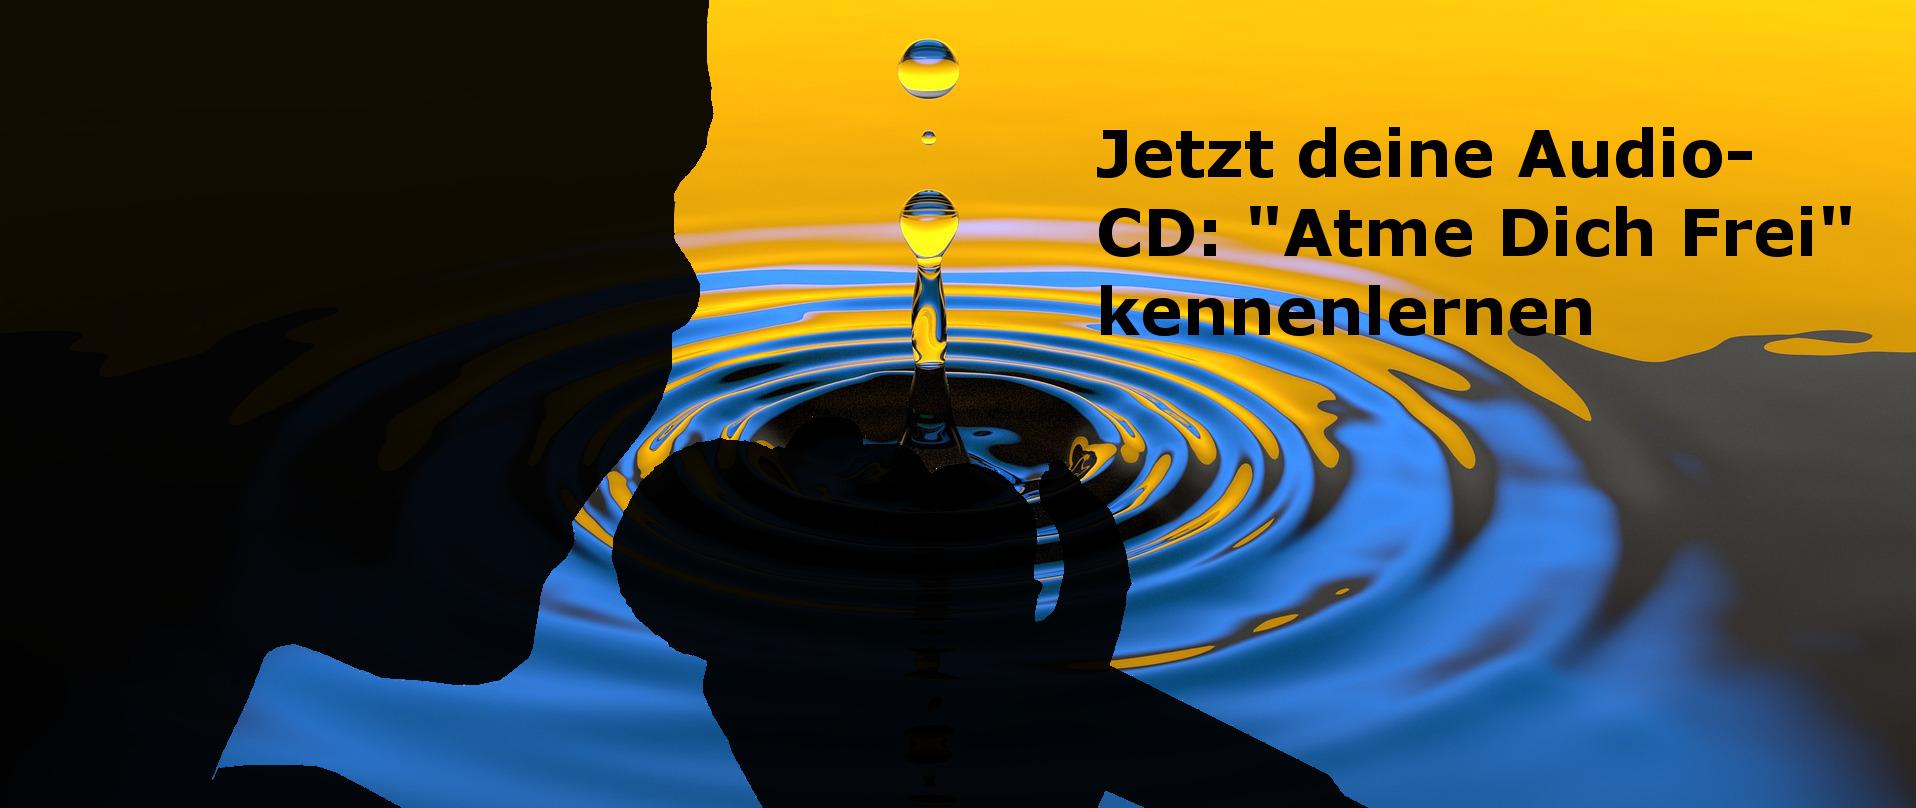 atme-dich-frei-banner